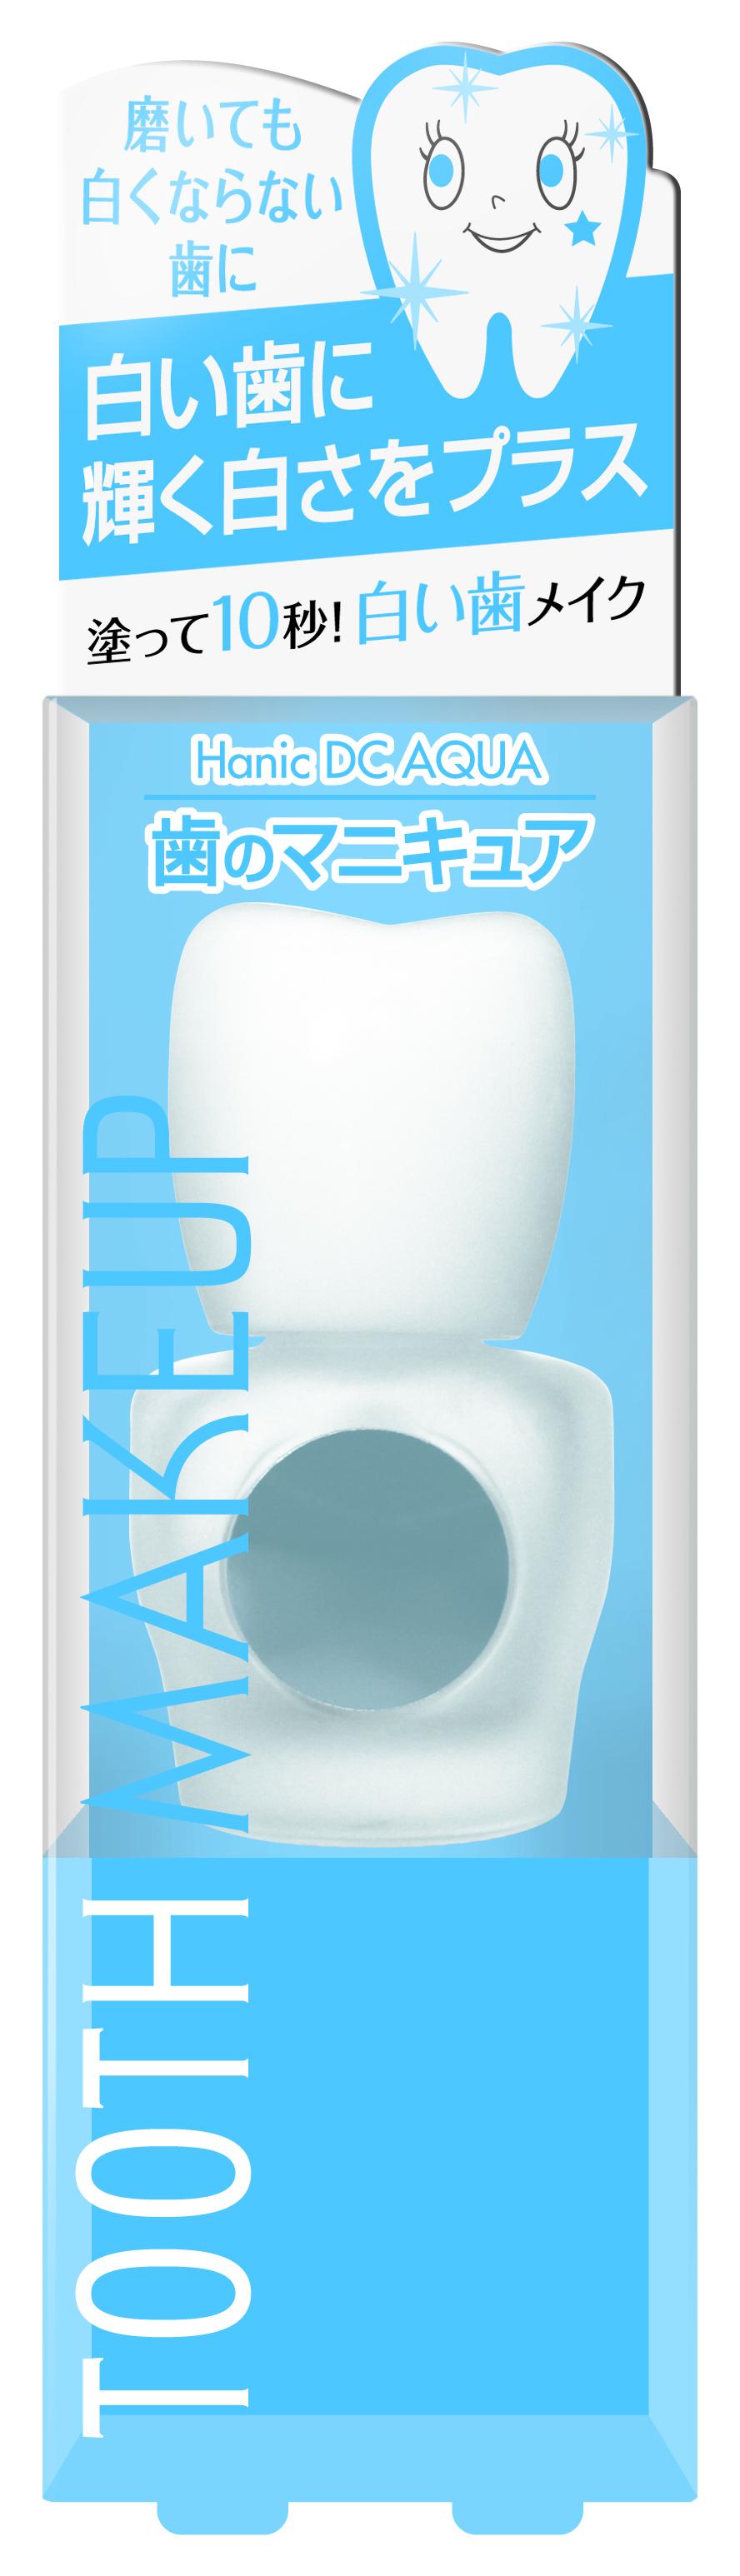 歯磨き粉 ビー プラス